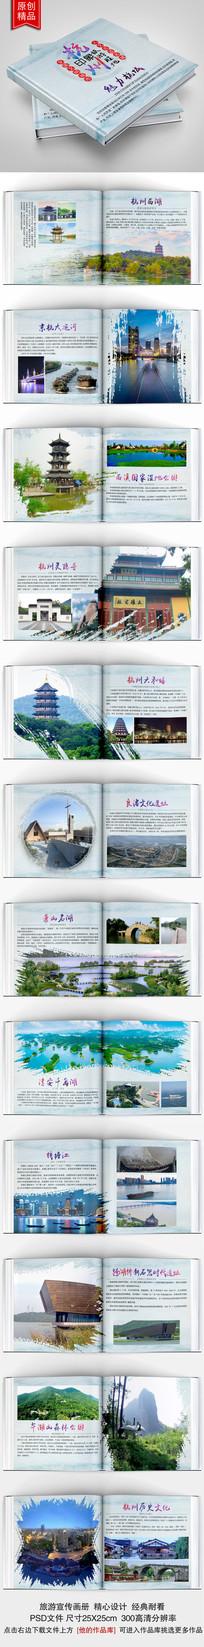 经典中国风杭州印象旅游画册